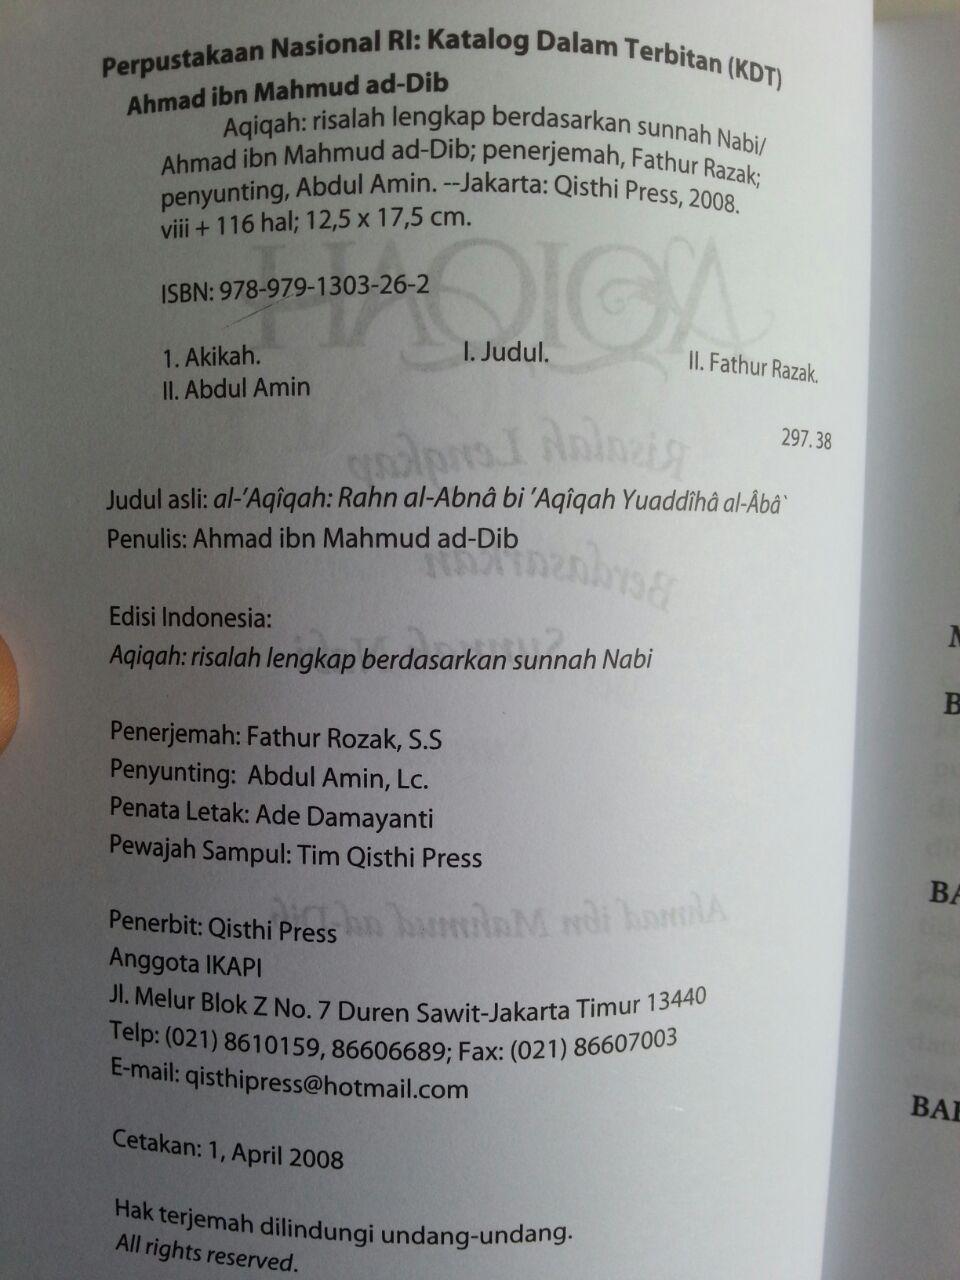 Buku Aqiqah Risalah Lengkap Berdasarkan Sunnah Nabi isi